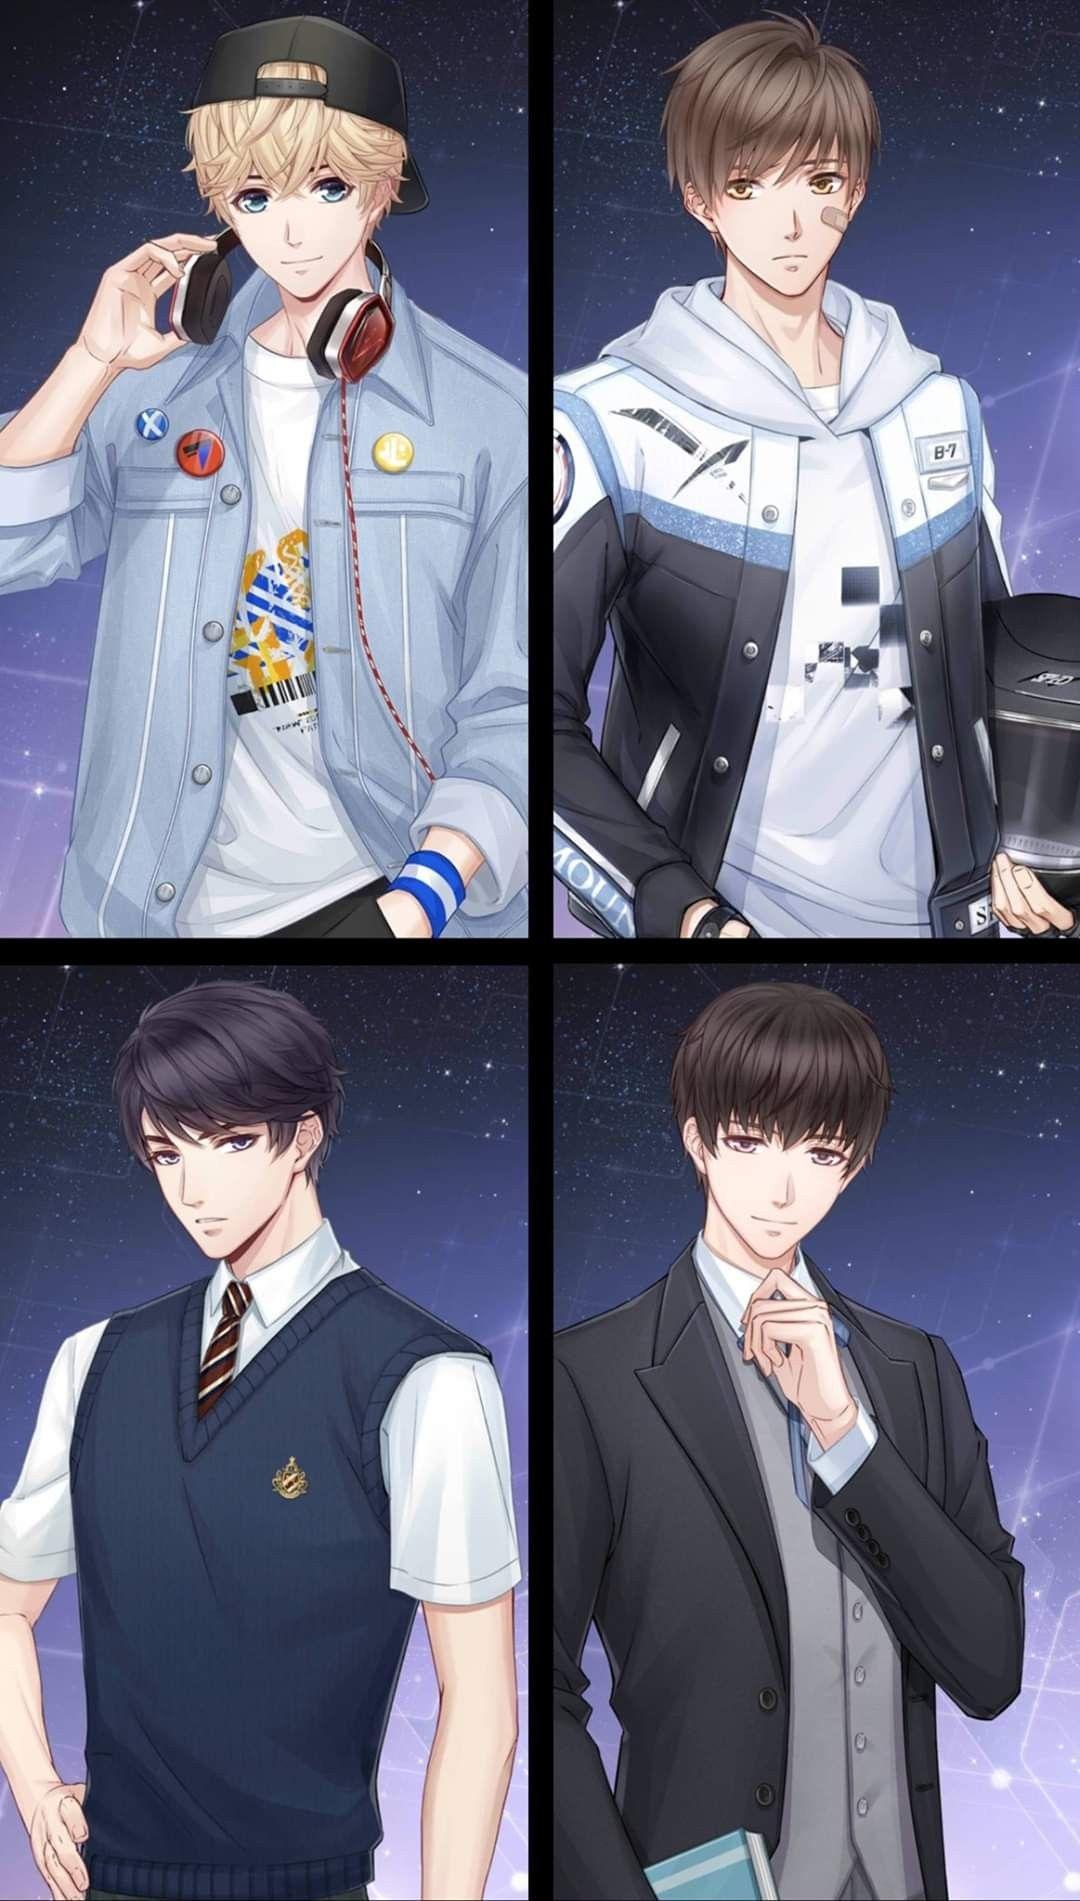 hình ảnh các oppa siêu đẹp trai di 2020 Anime anak laki